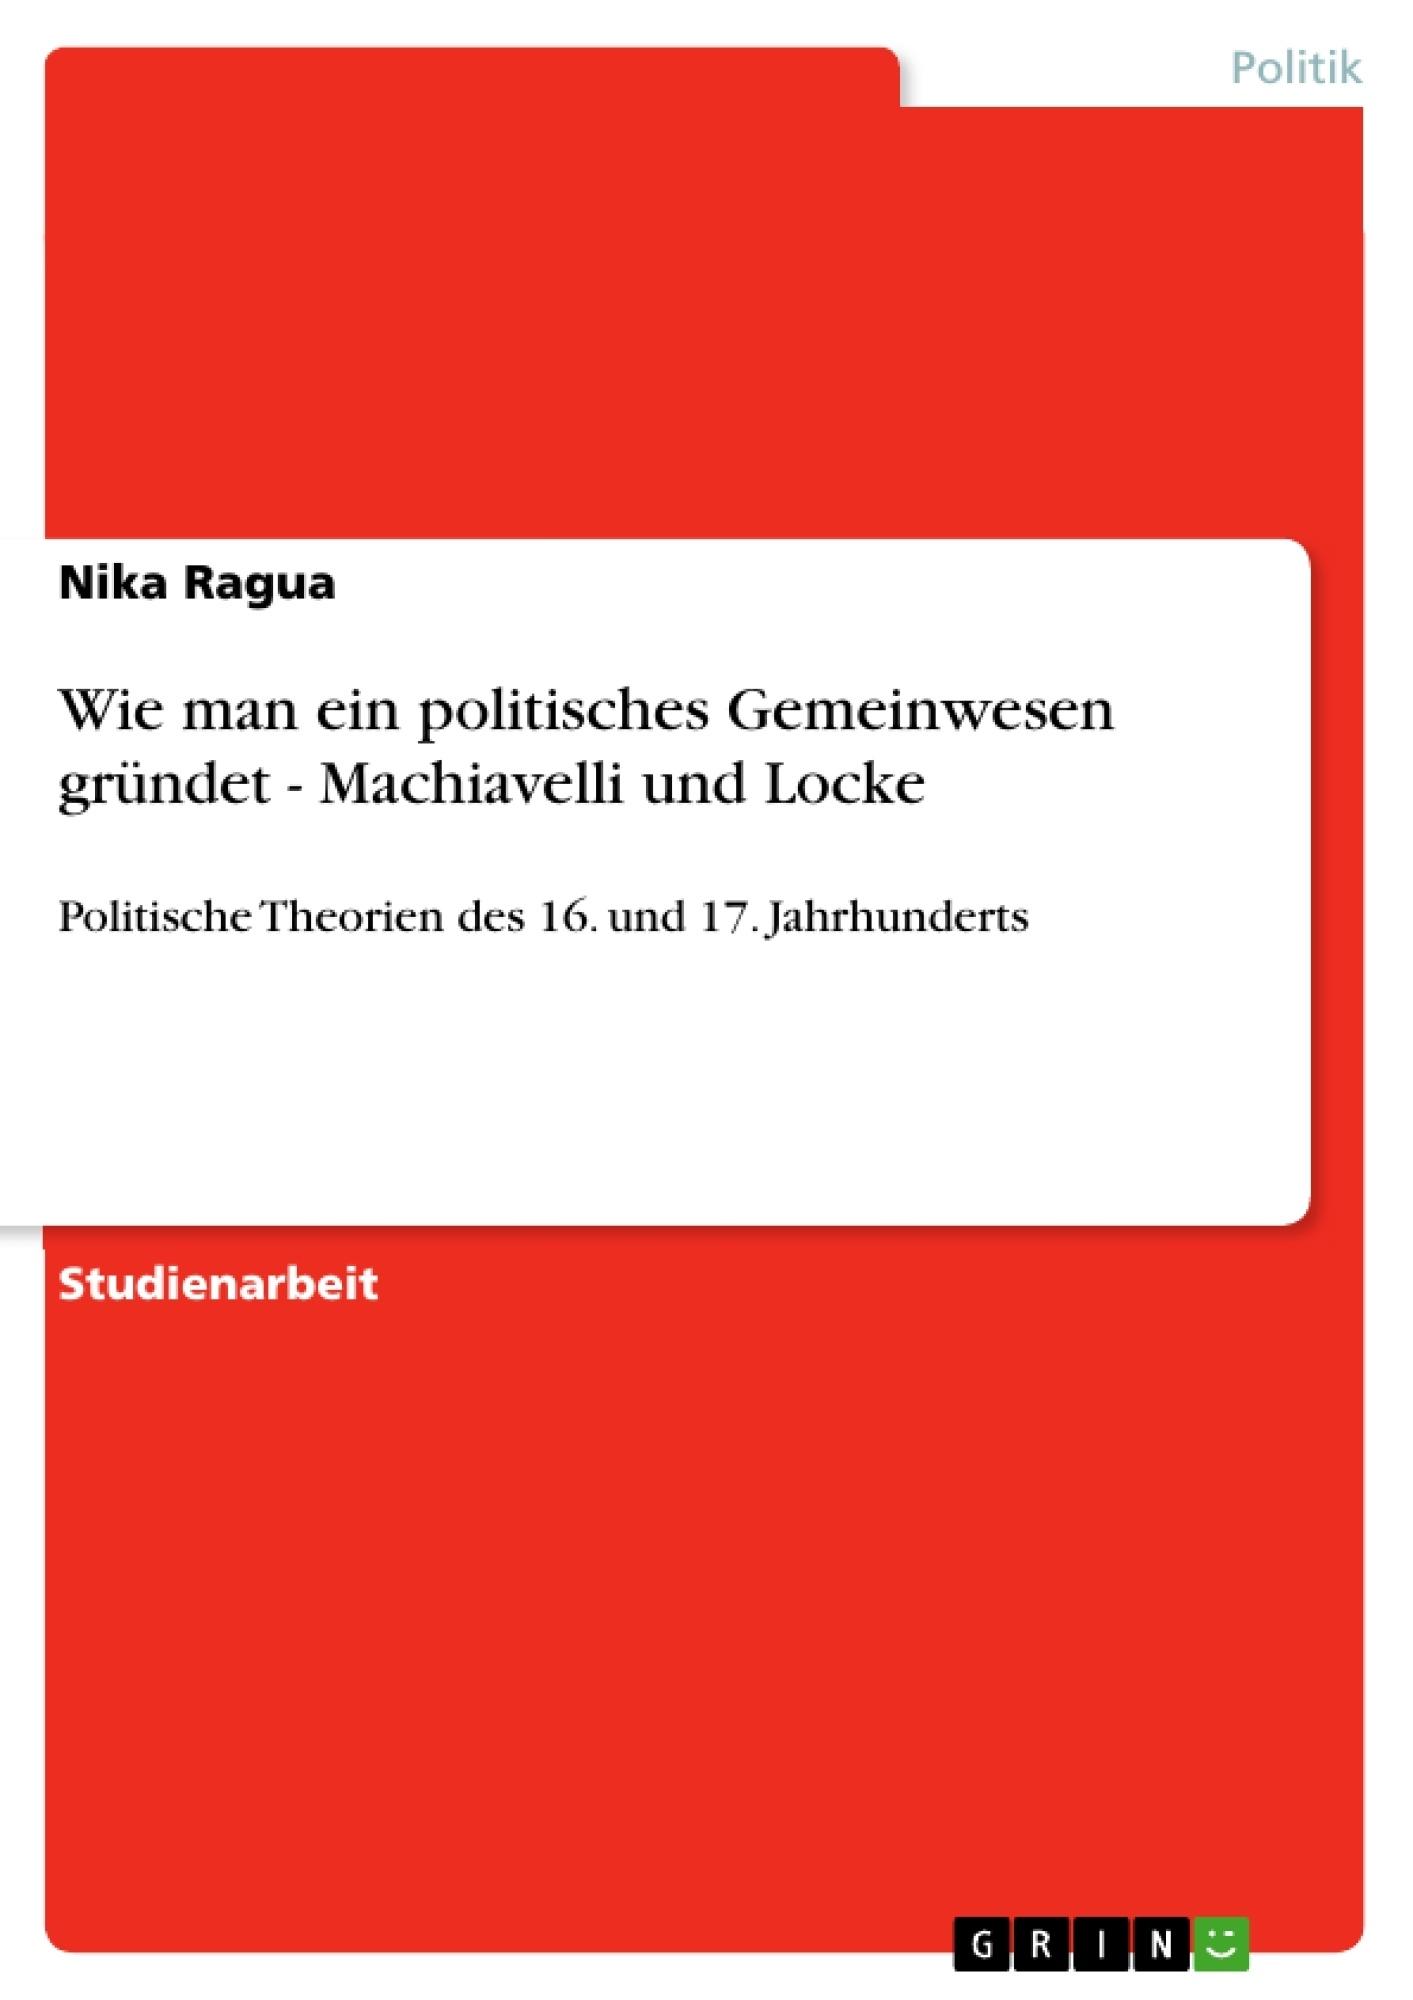 Titel: Wie man ein politisches Gemeinwesen gründet - Machiavelli und Locke